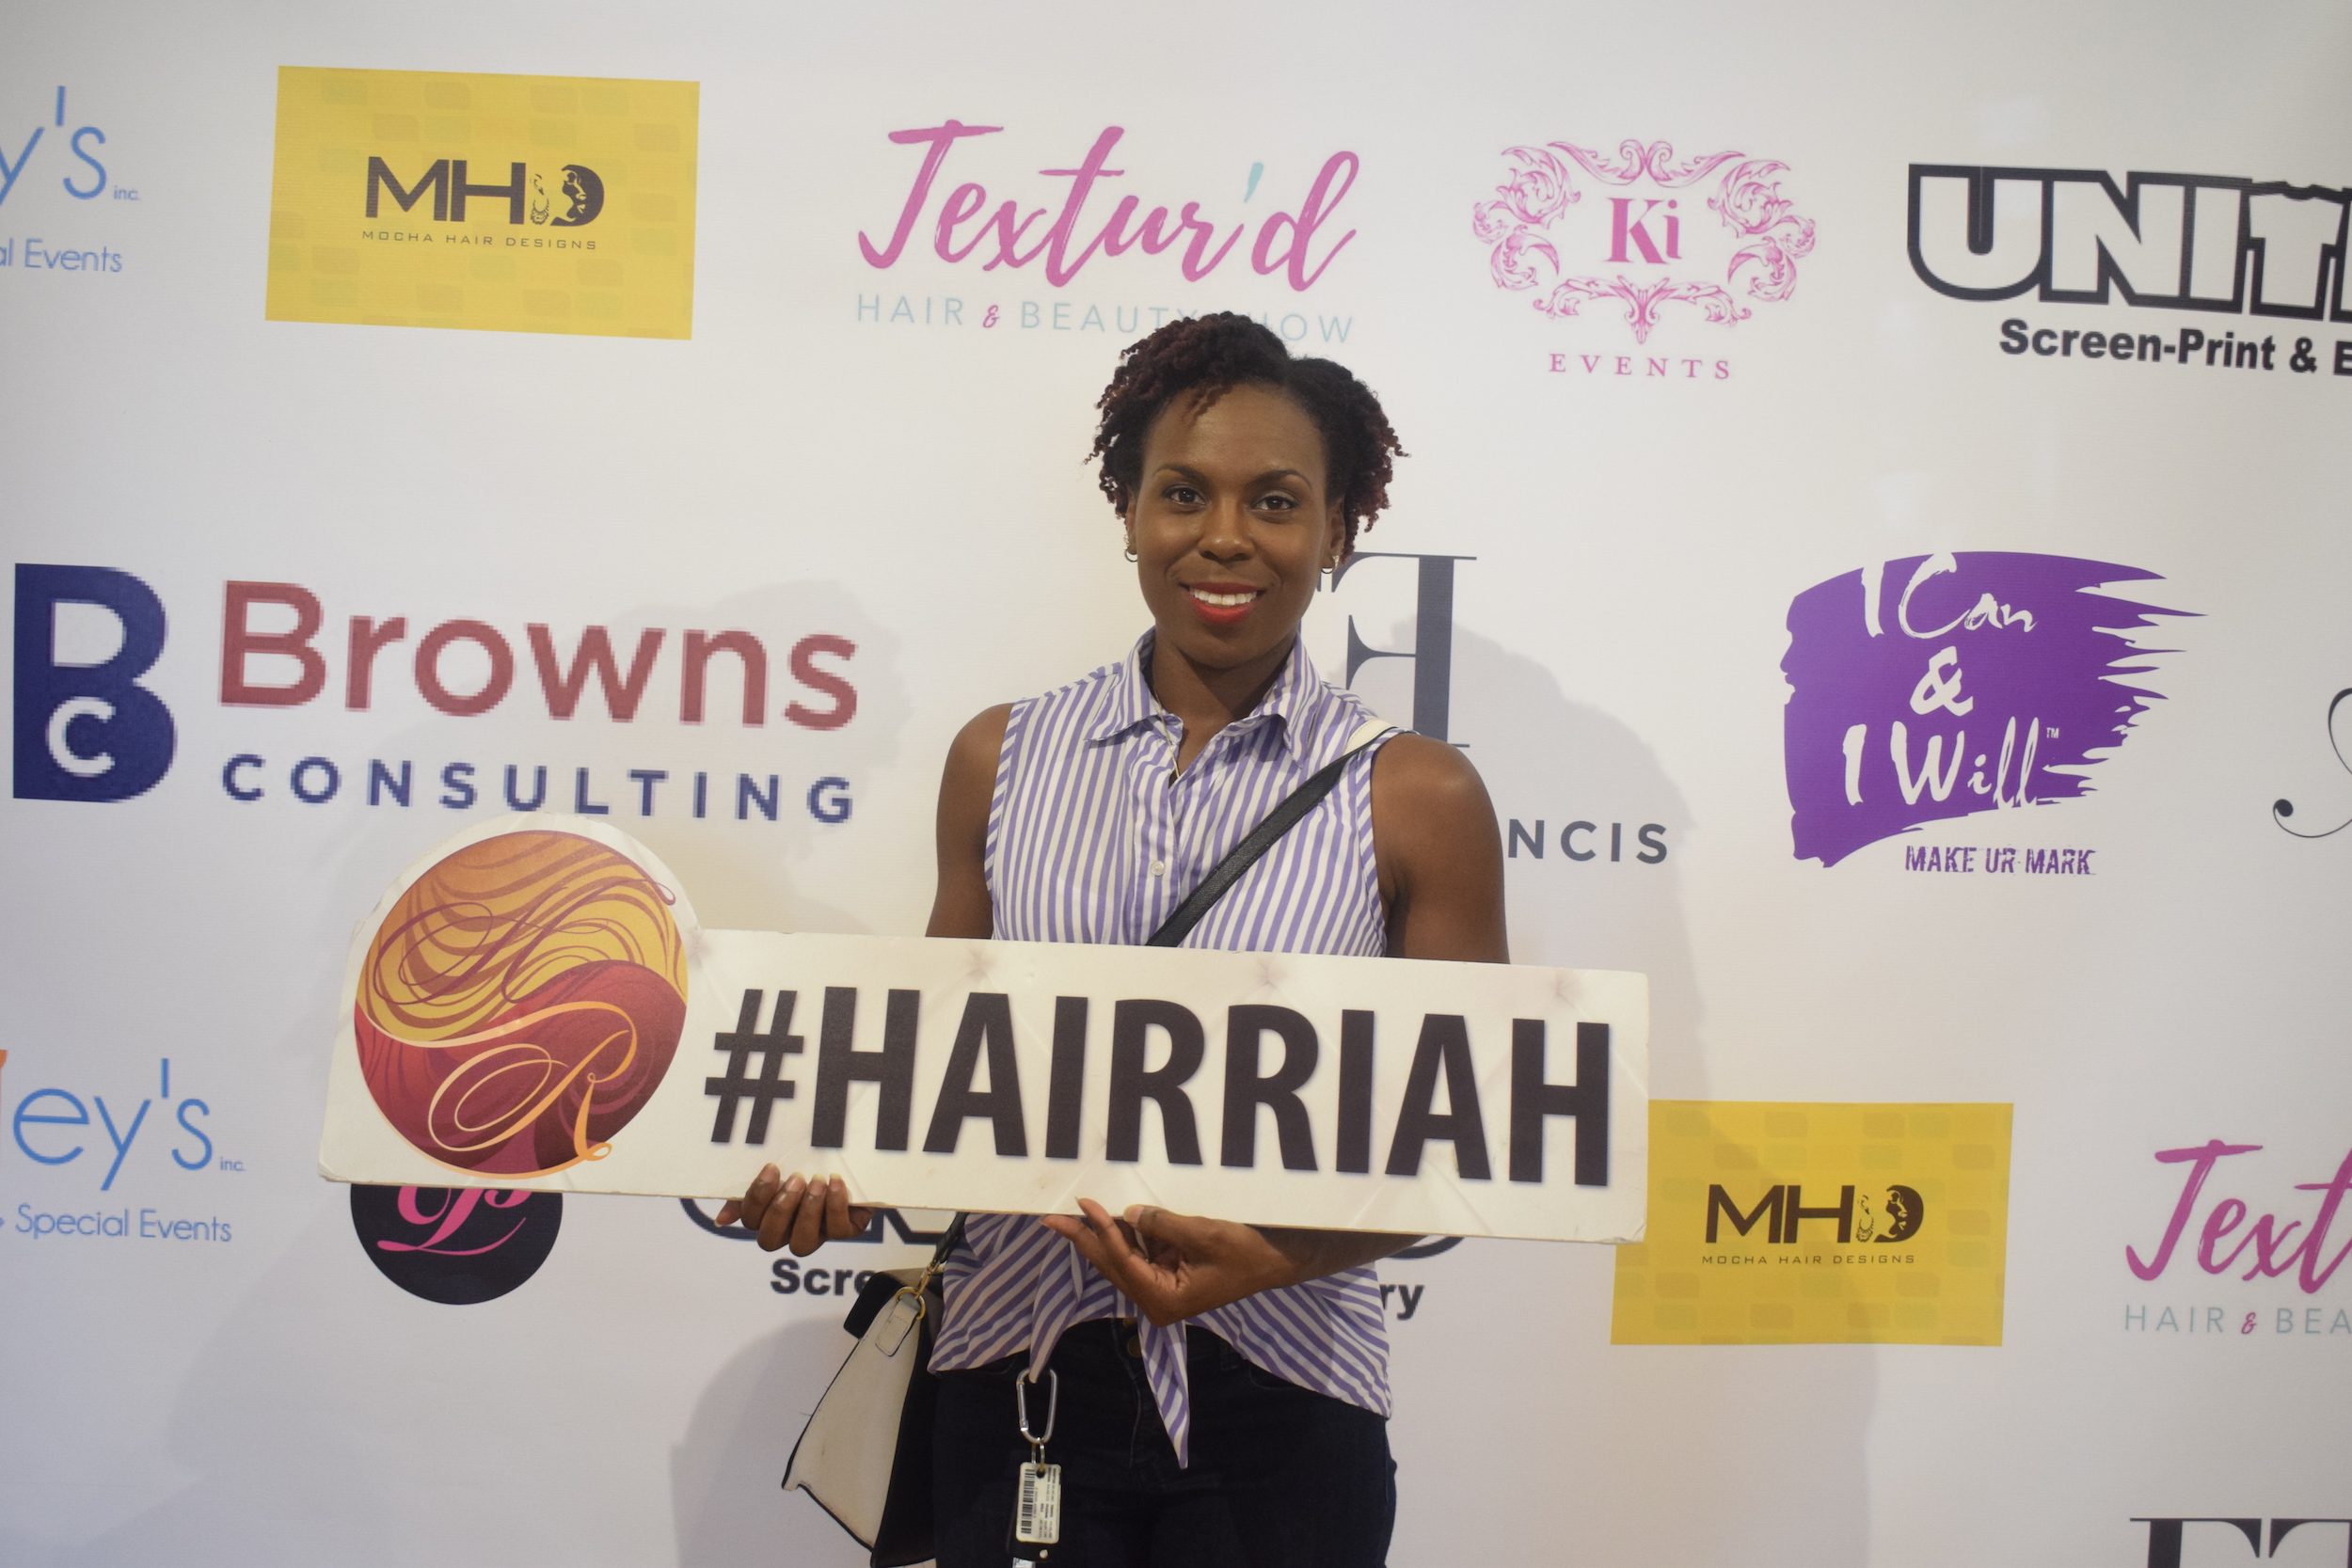 Textur'd Hair & Beauty